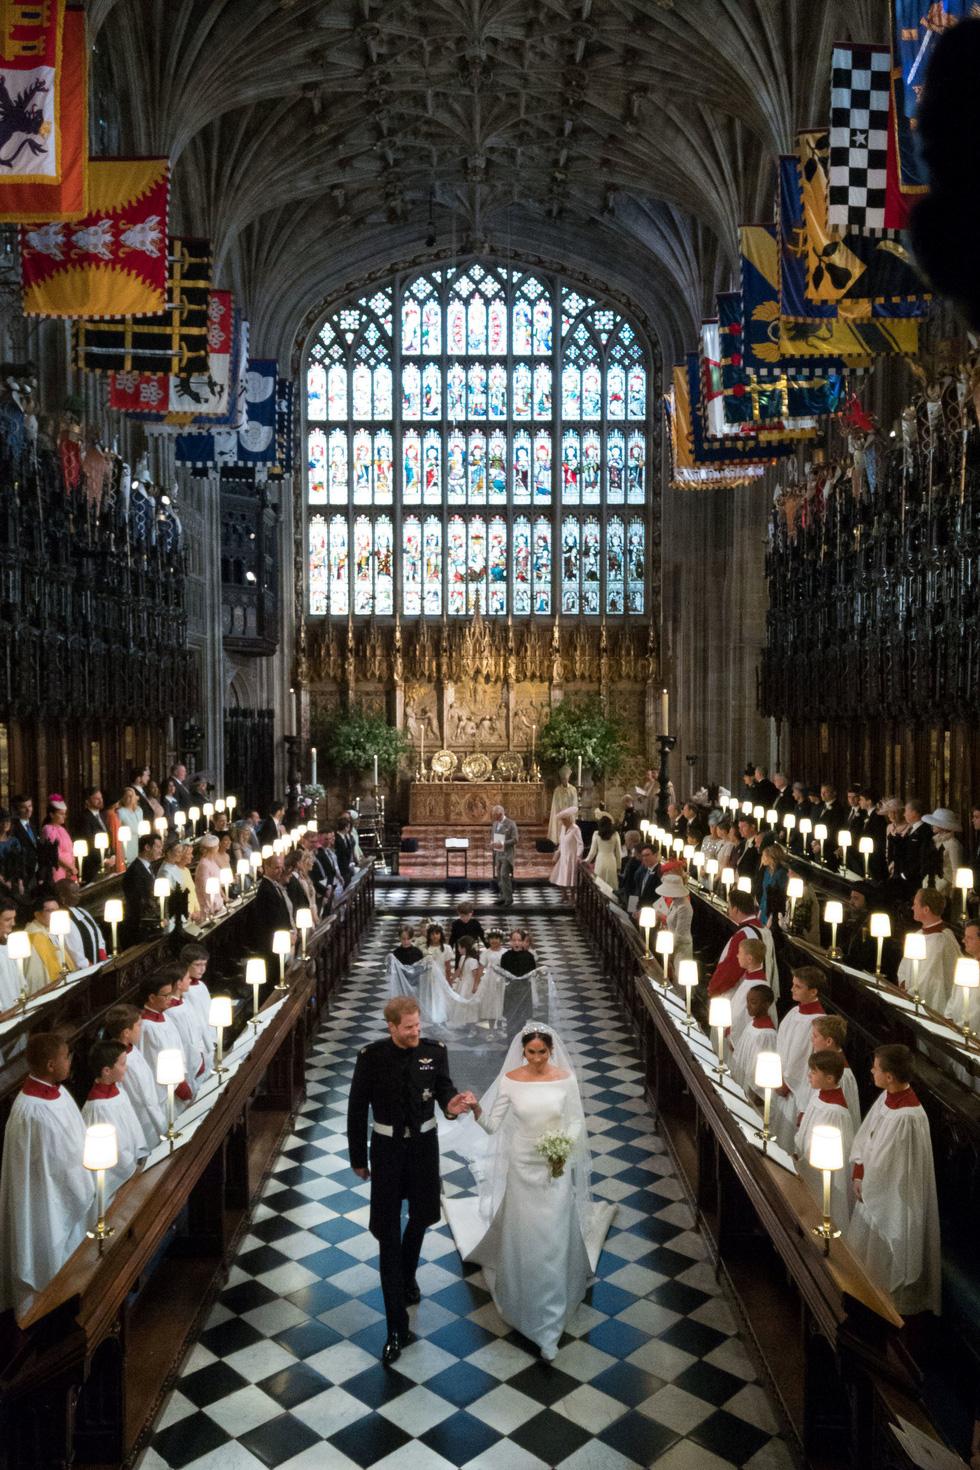 Thế giới trong tuần qua ảnh: xả súng, biểu tình, máy bay rơi và đám cưới Hoàng gia - Ảnh 1.